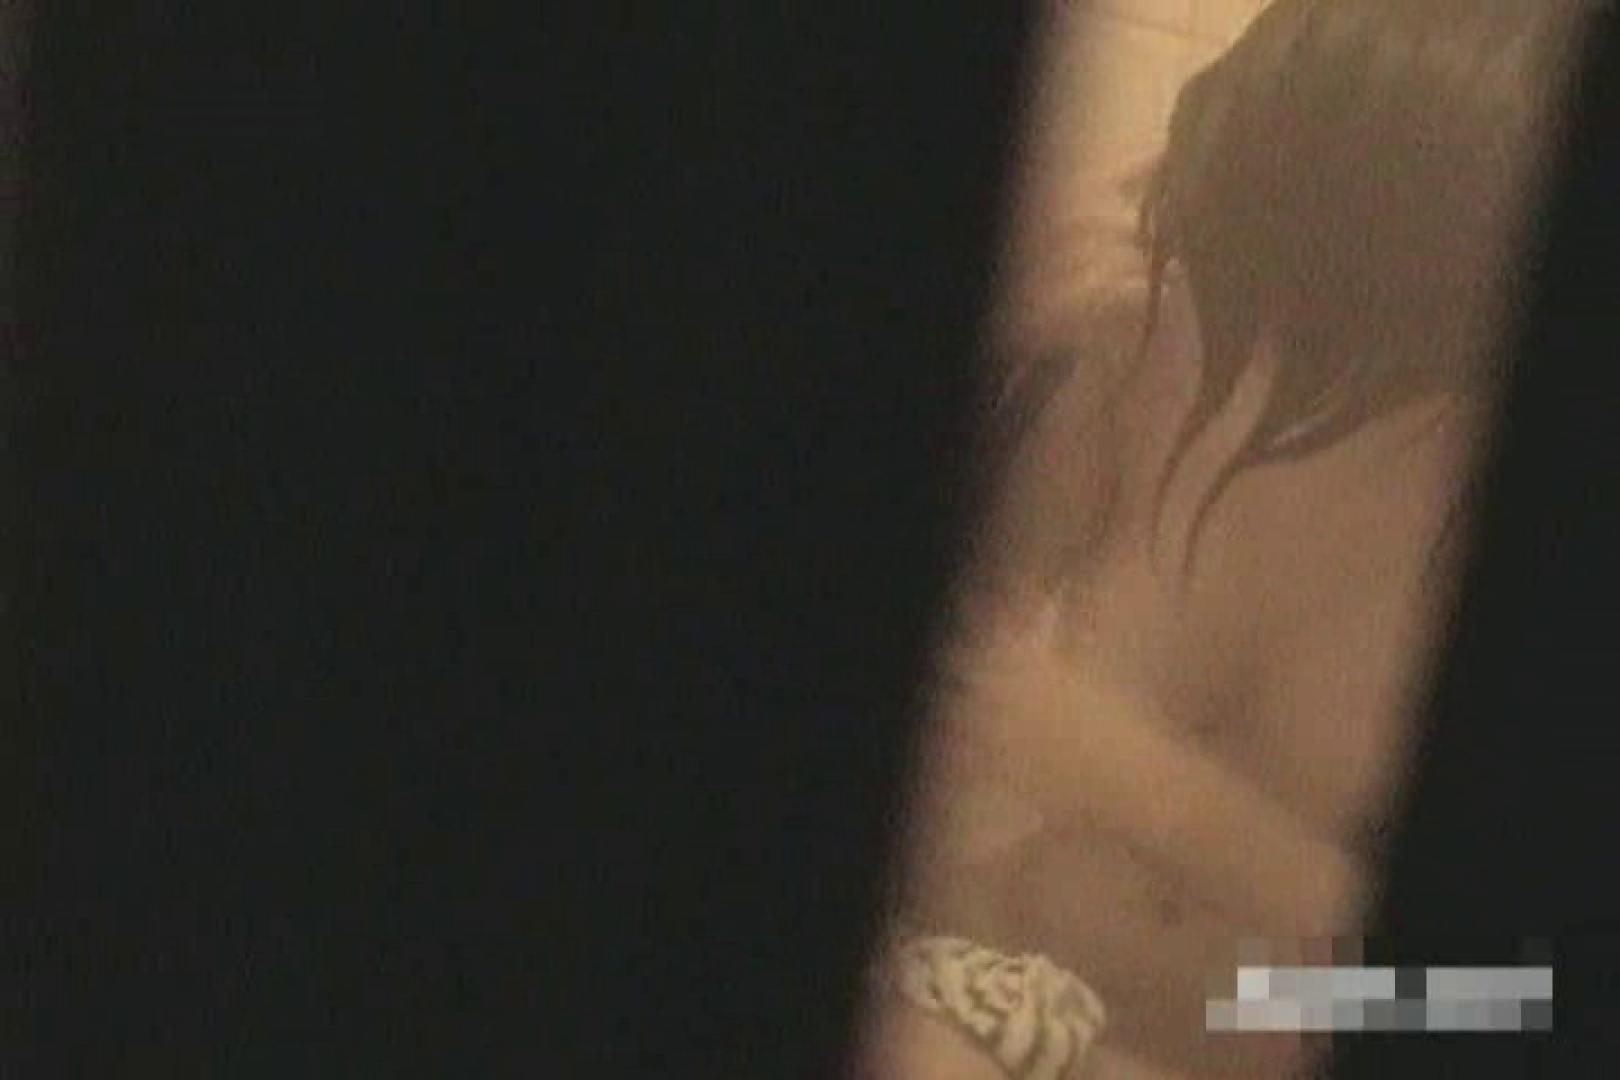 激撮ストーカー記録あなたのお宅拝見しますVol.5 ハプニング セックス無修正動画無料 103画像 34